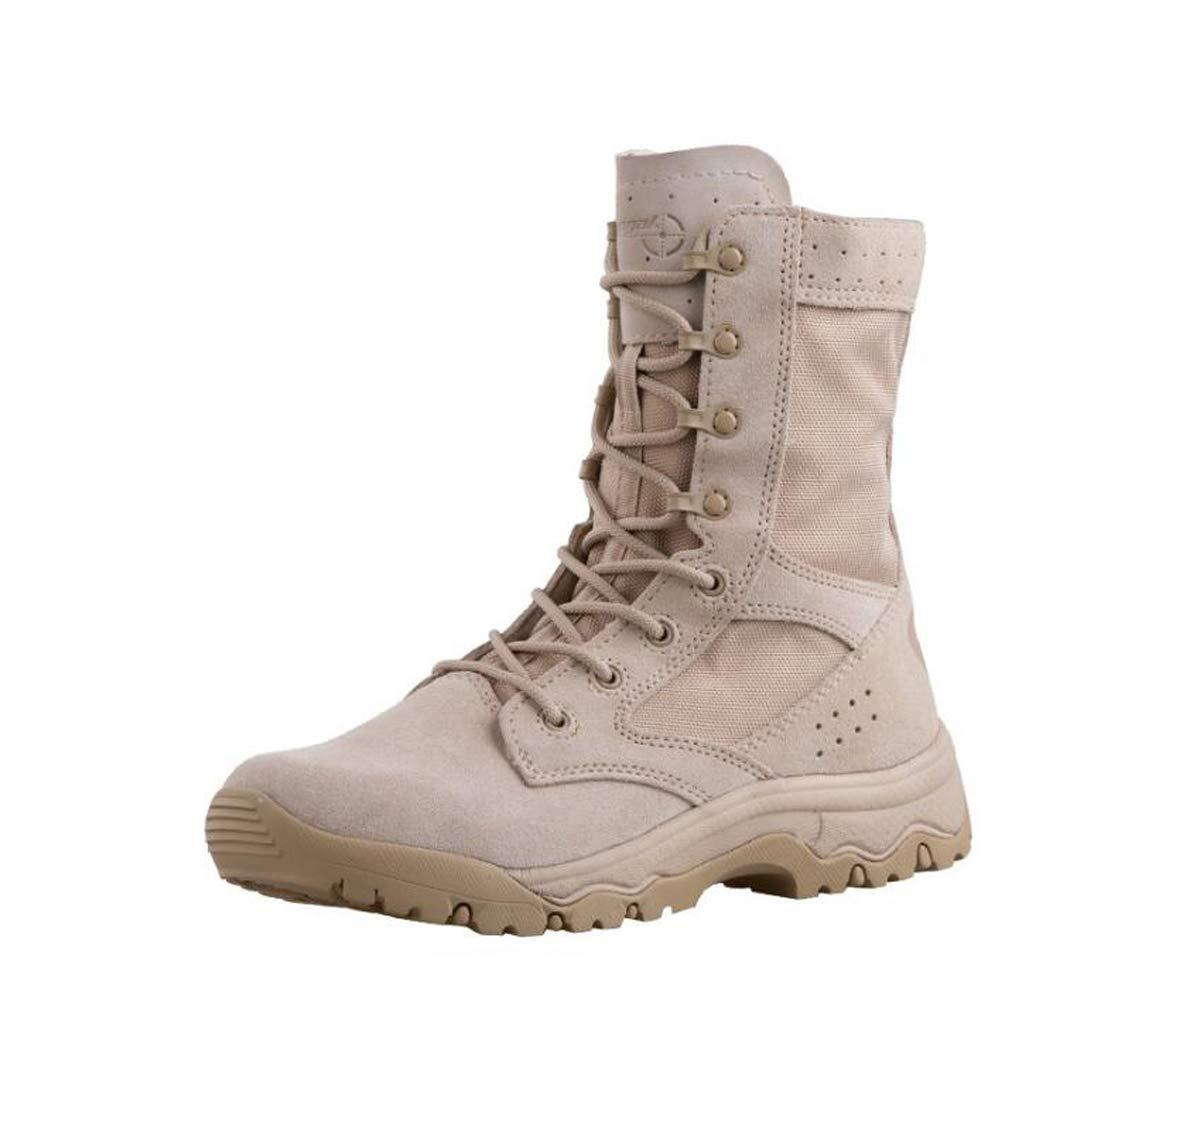 Adong Hanagal  Herren Kletterschuhe Hochhaus Wanderschuhe Jagdschuhe Wasserdichte Schuhe Rutschfeste Atmungsaktive Outdoor-Schuhe,A,45EU